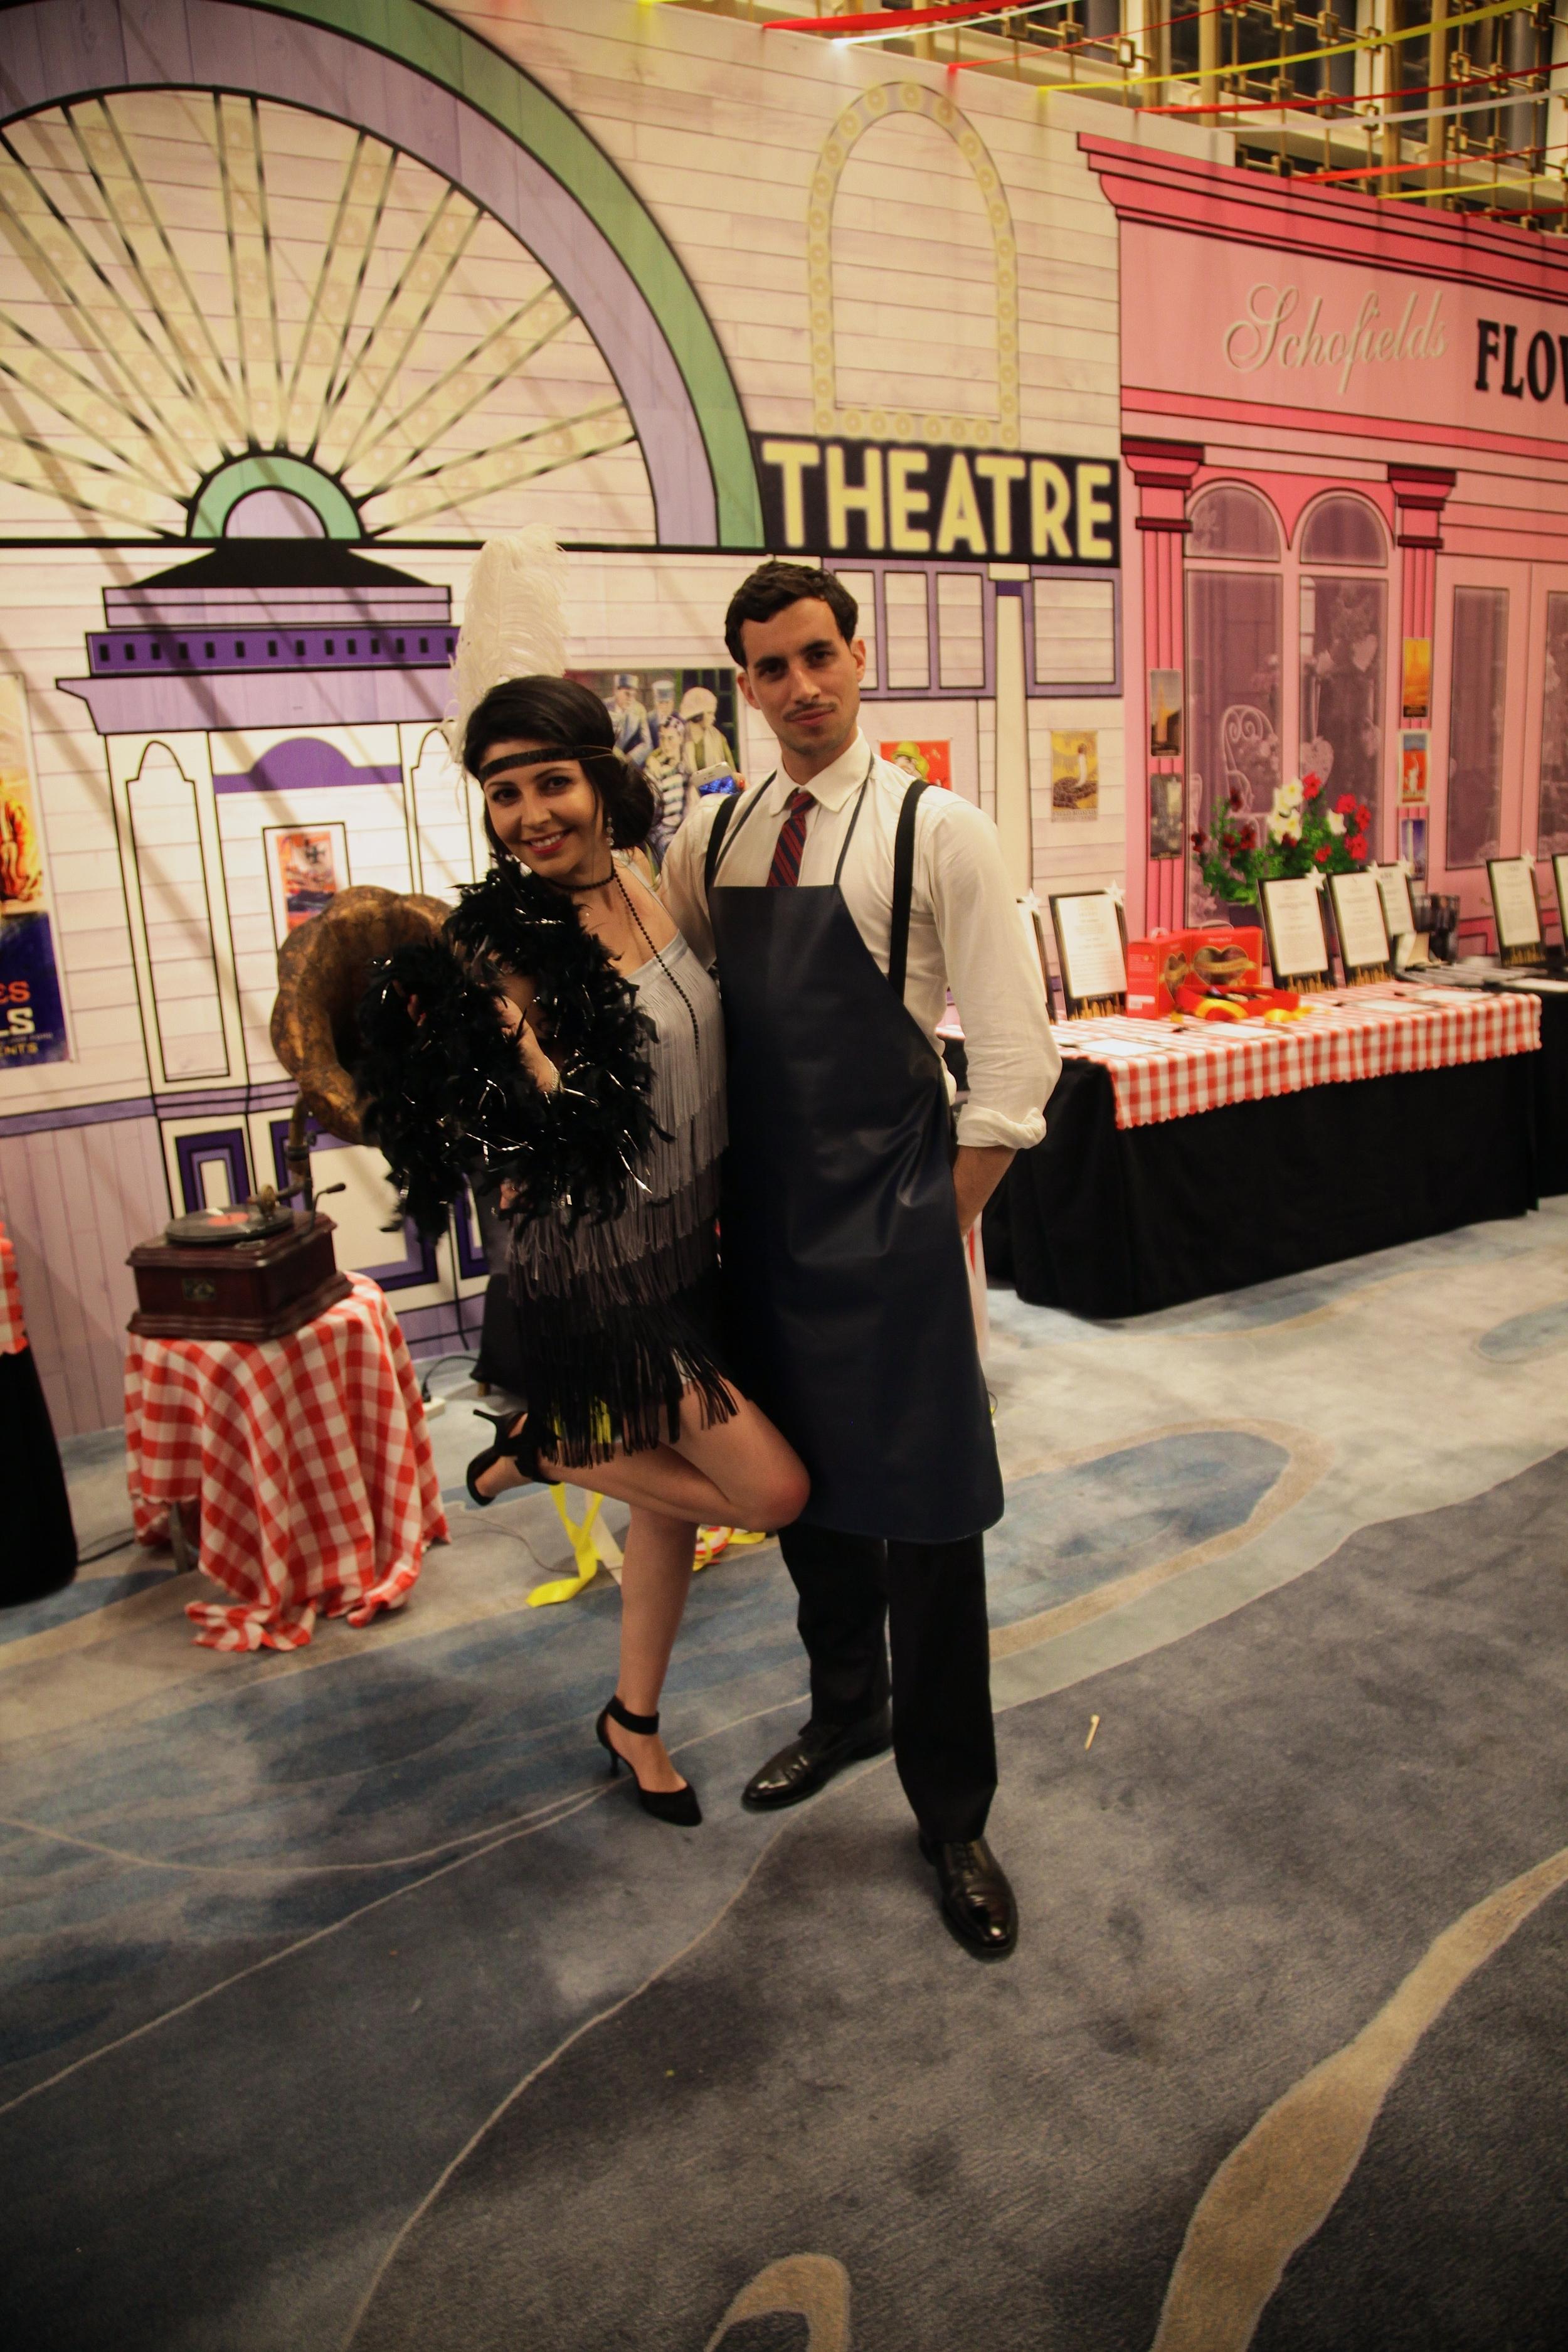 Actors at Foyer